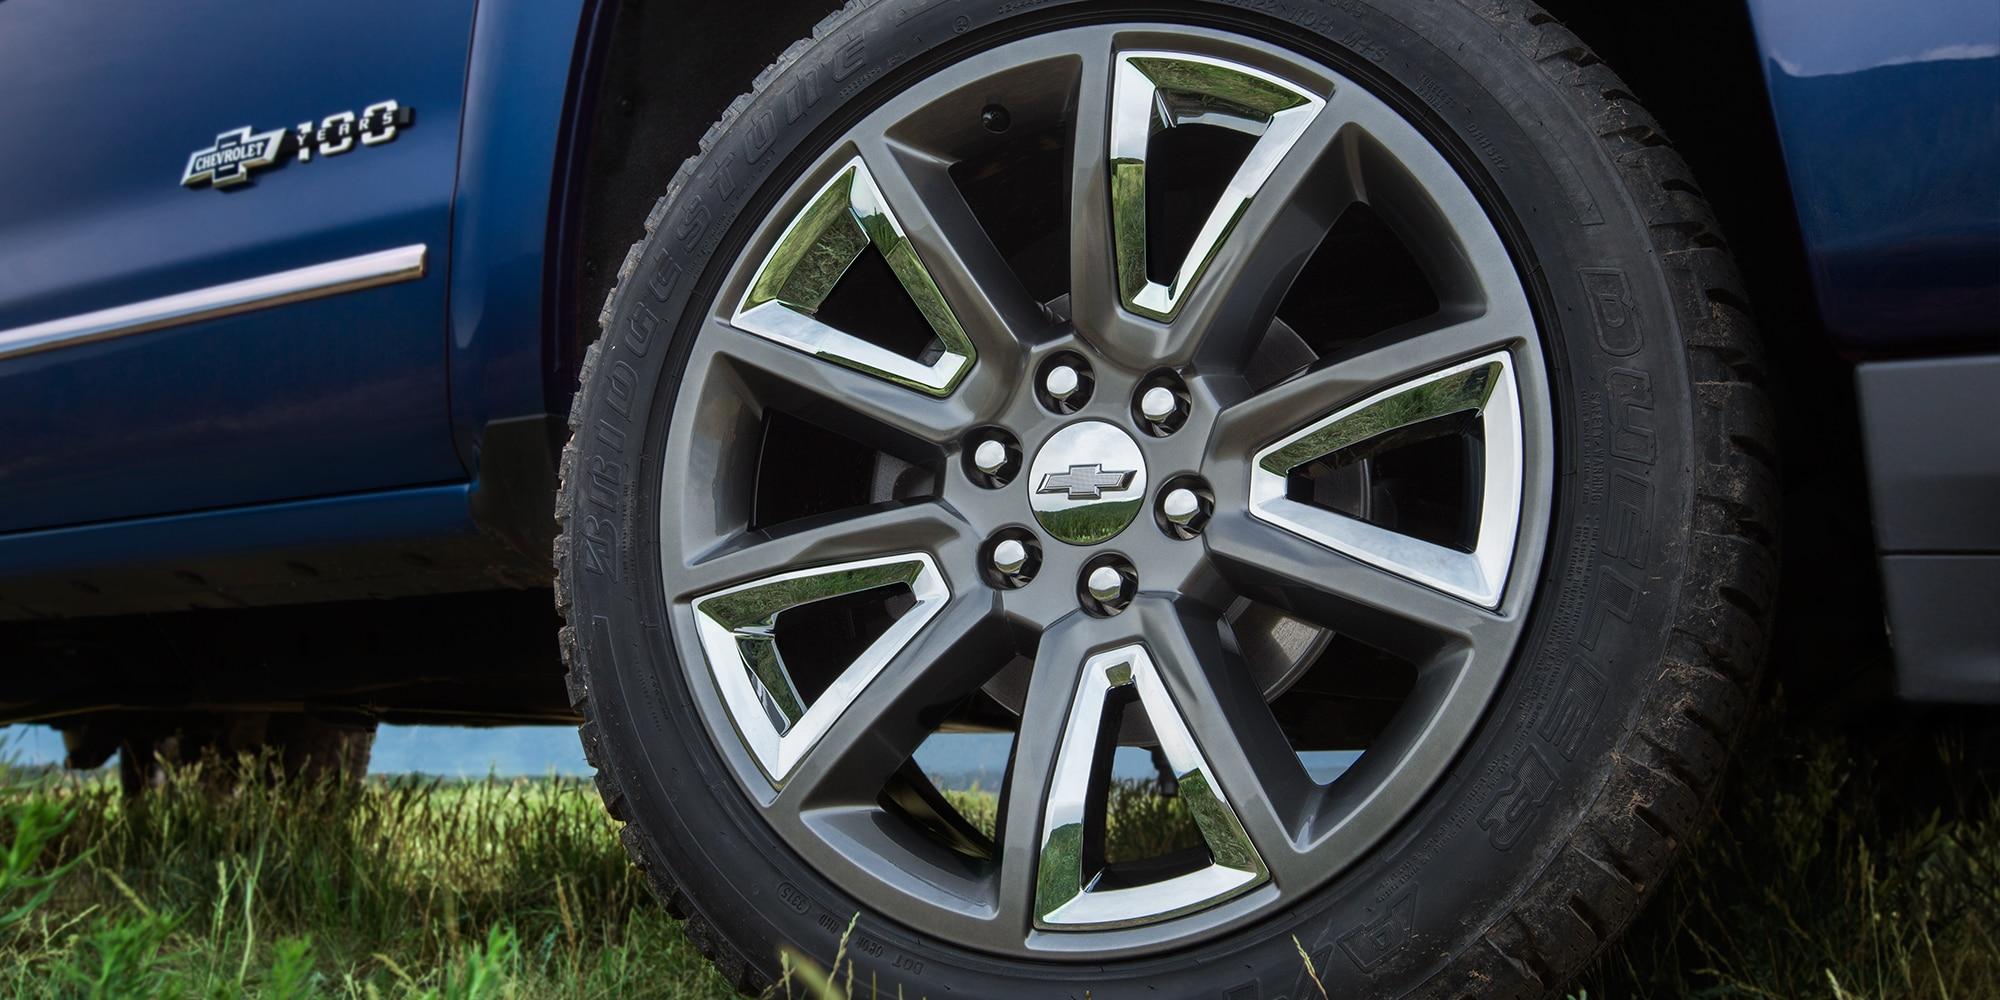 Camioneta Chevrolet edición especial Centennial: Rines